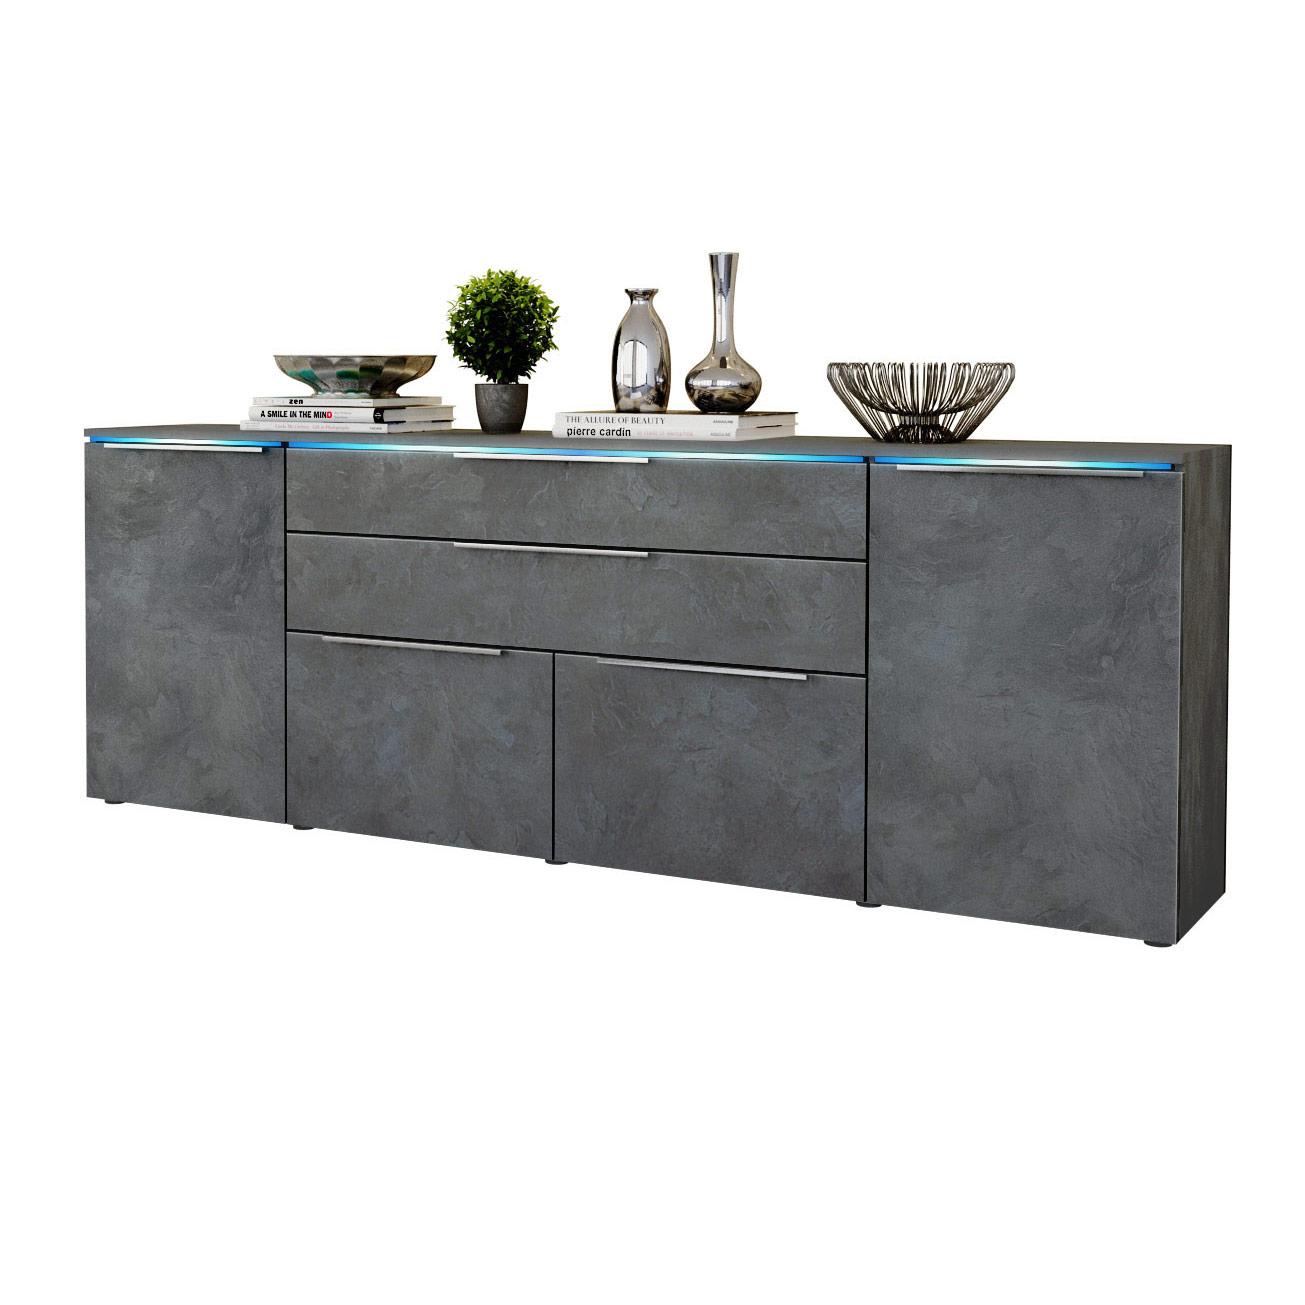 modernes sideboard kommode tv board vitrine anrichte triest in schiefer optik ebay. Black Bedroom Furniture Sets. Home Design Ideas